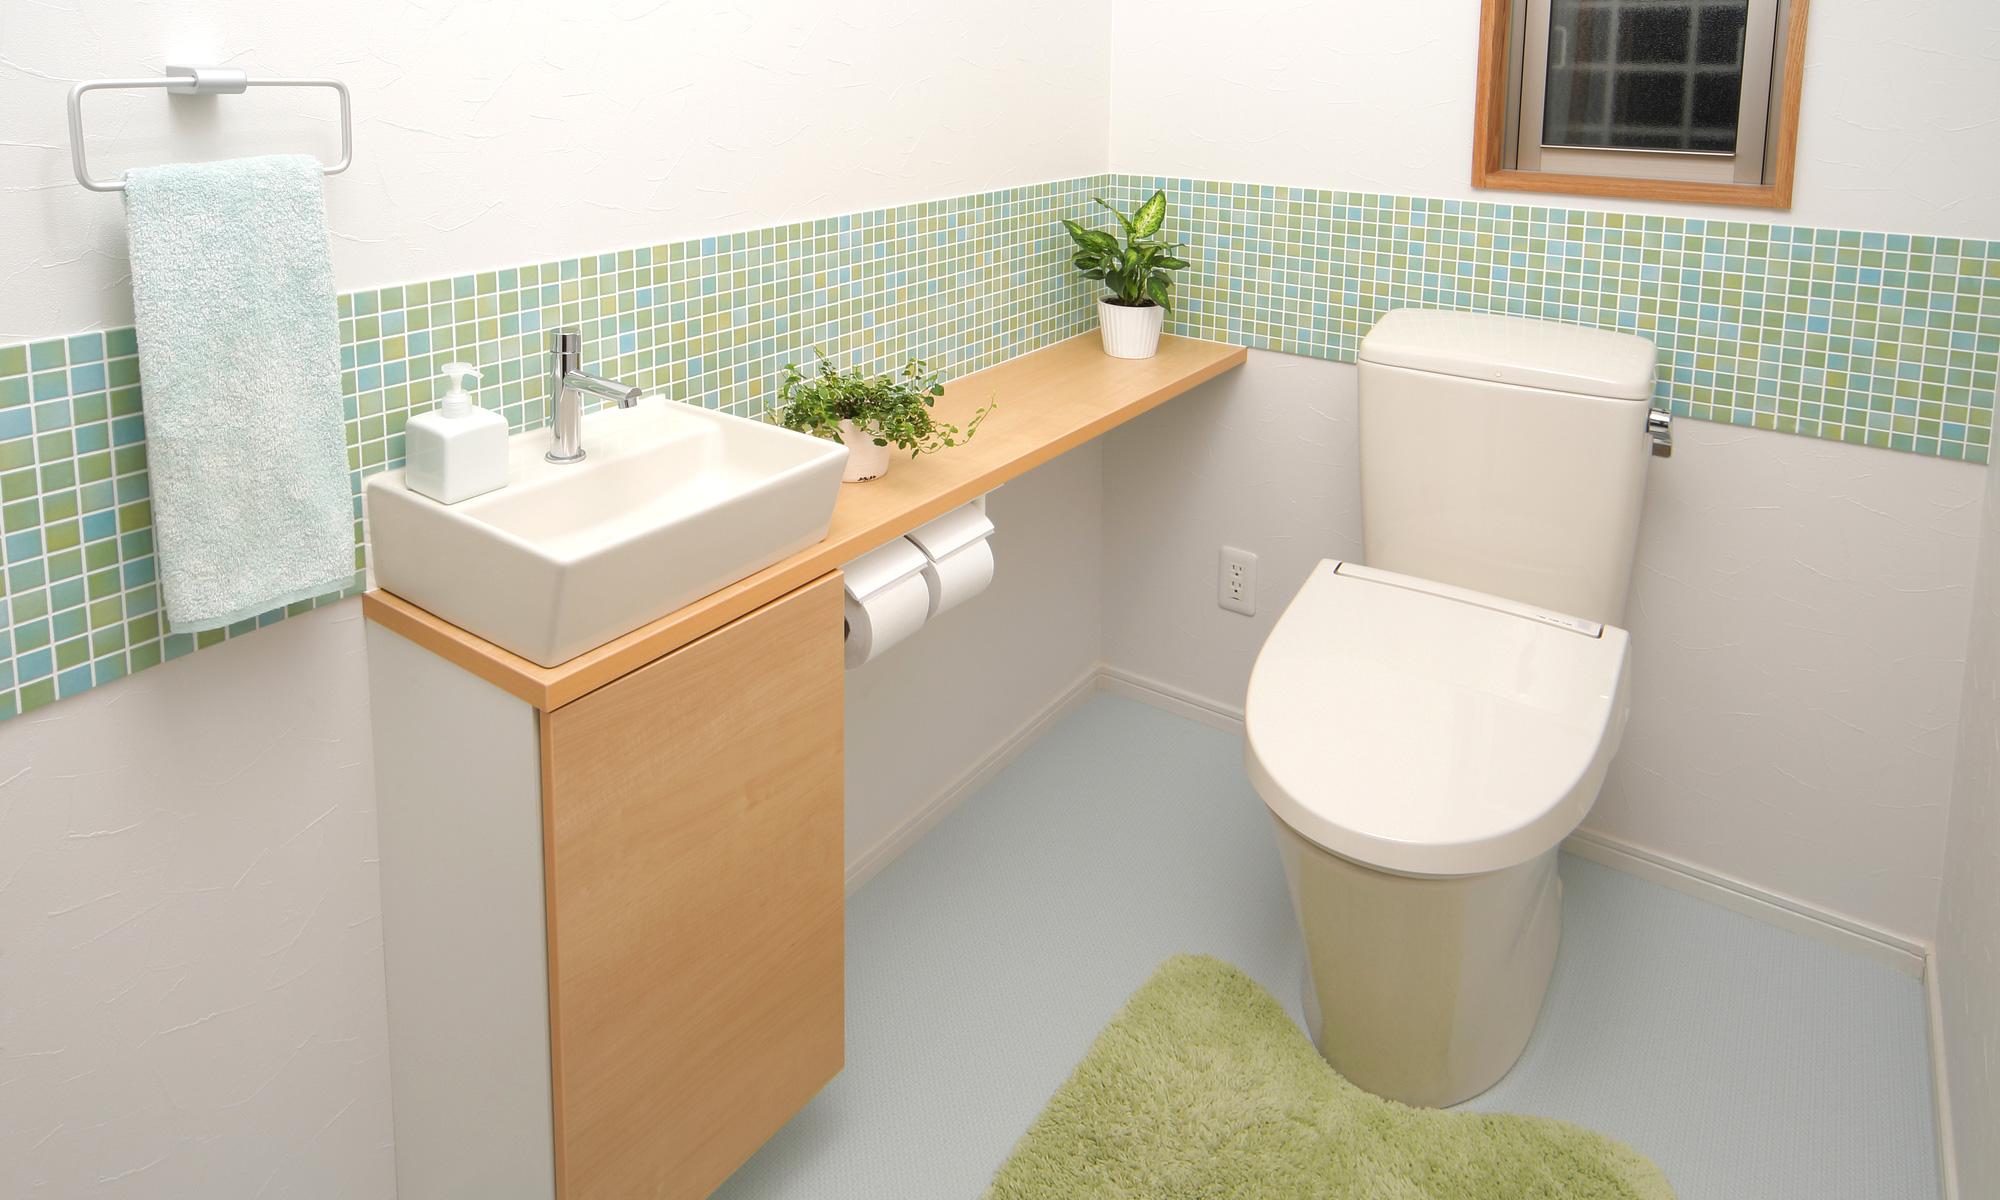 トイレのリフォーム、便器の交換から手洗い器設置等